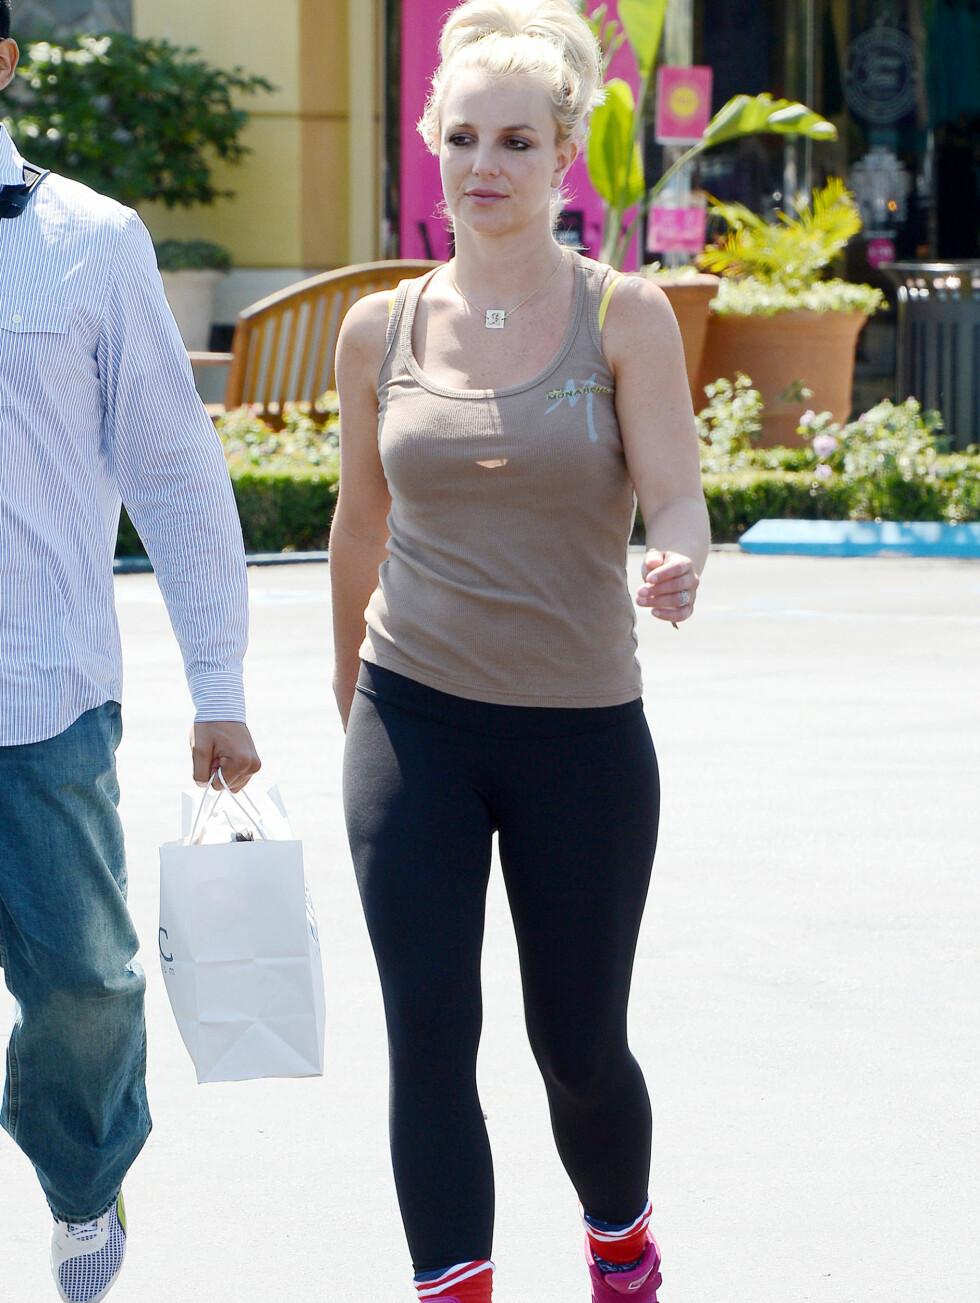 KROPPSNÆRT: Tights er ikke bukser, men popstjernen bruker dem likevel med en enkel singlet.  Foto: All Over Press